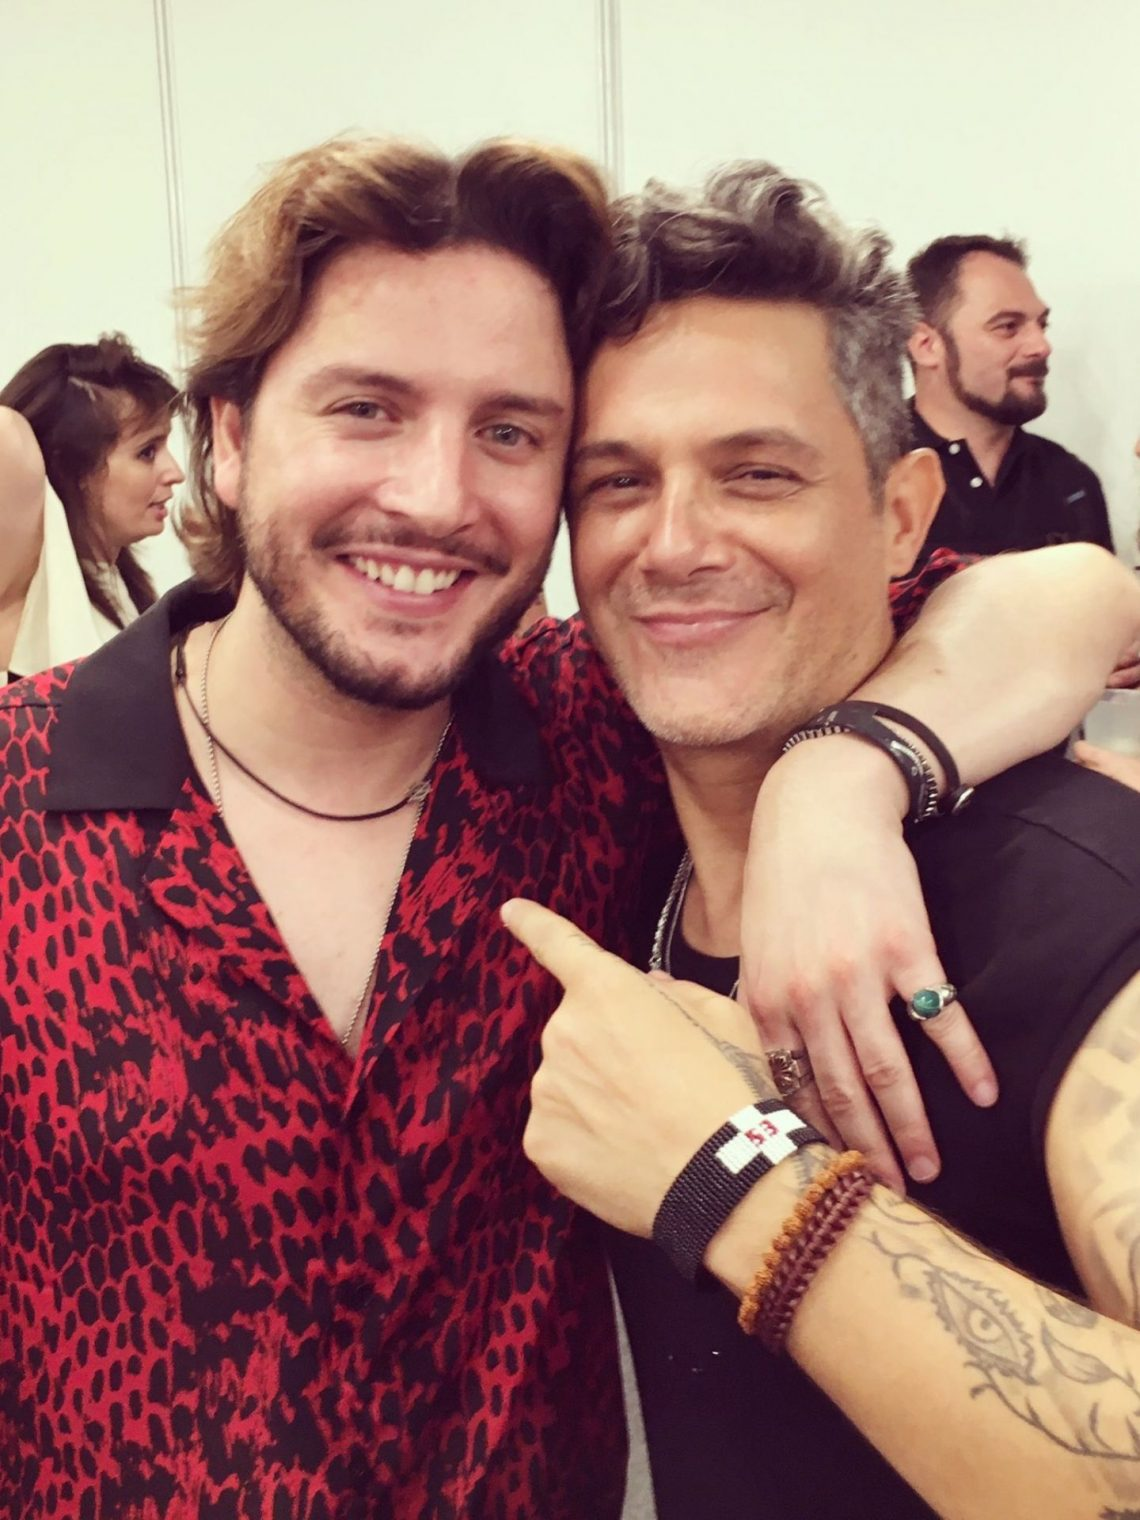 Sus compañeros de profesión muestran su agradecimiento y cariño a Alejandro Sanz tras el concierto de #MásEsMás